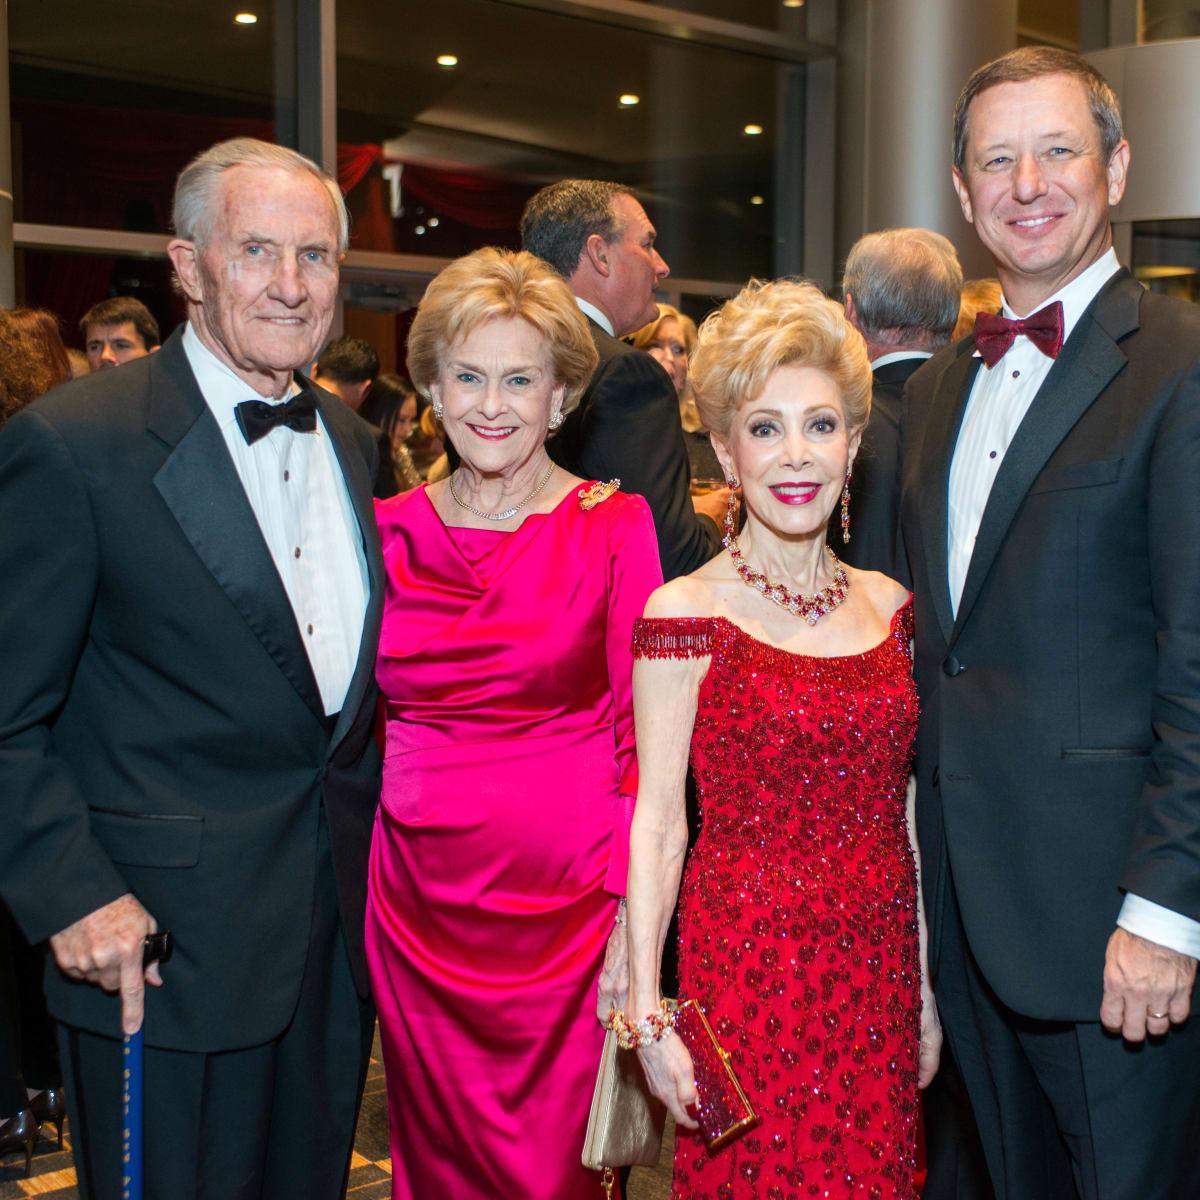 Red Cross Ball, Feb. 2016, George Strake, Annette Strake, Margaret Alkek Williams, David Wuthrich